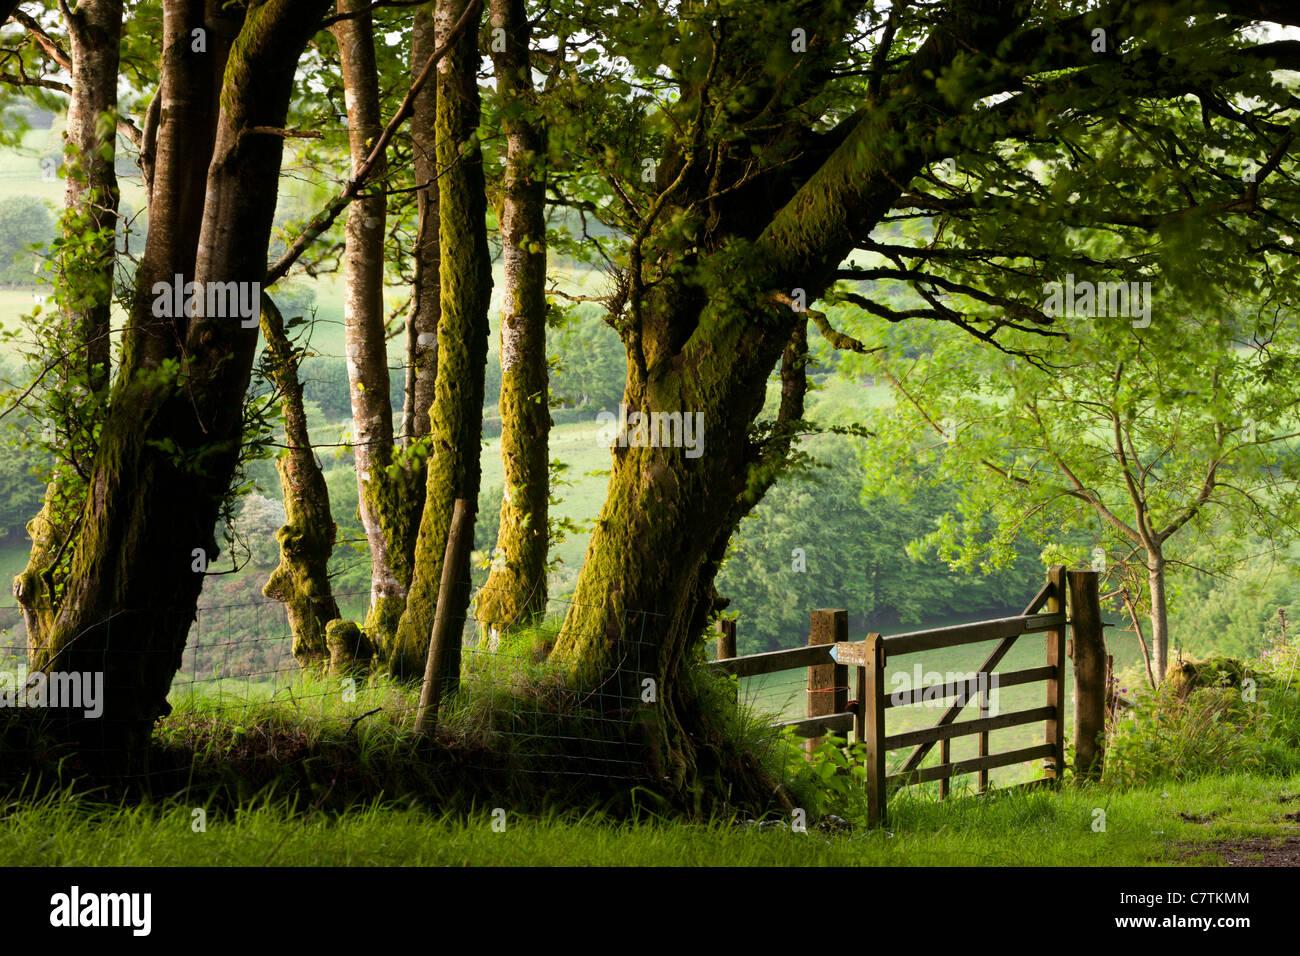 Öffentliche Maultierweg durch Bäume und Landschaft, Exmoor National Park, Somerset, England. Frühjahr Stockbild